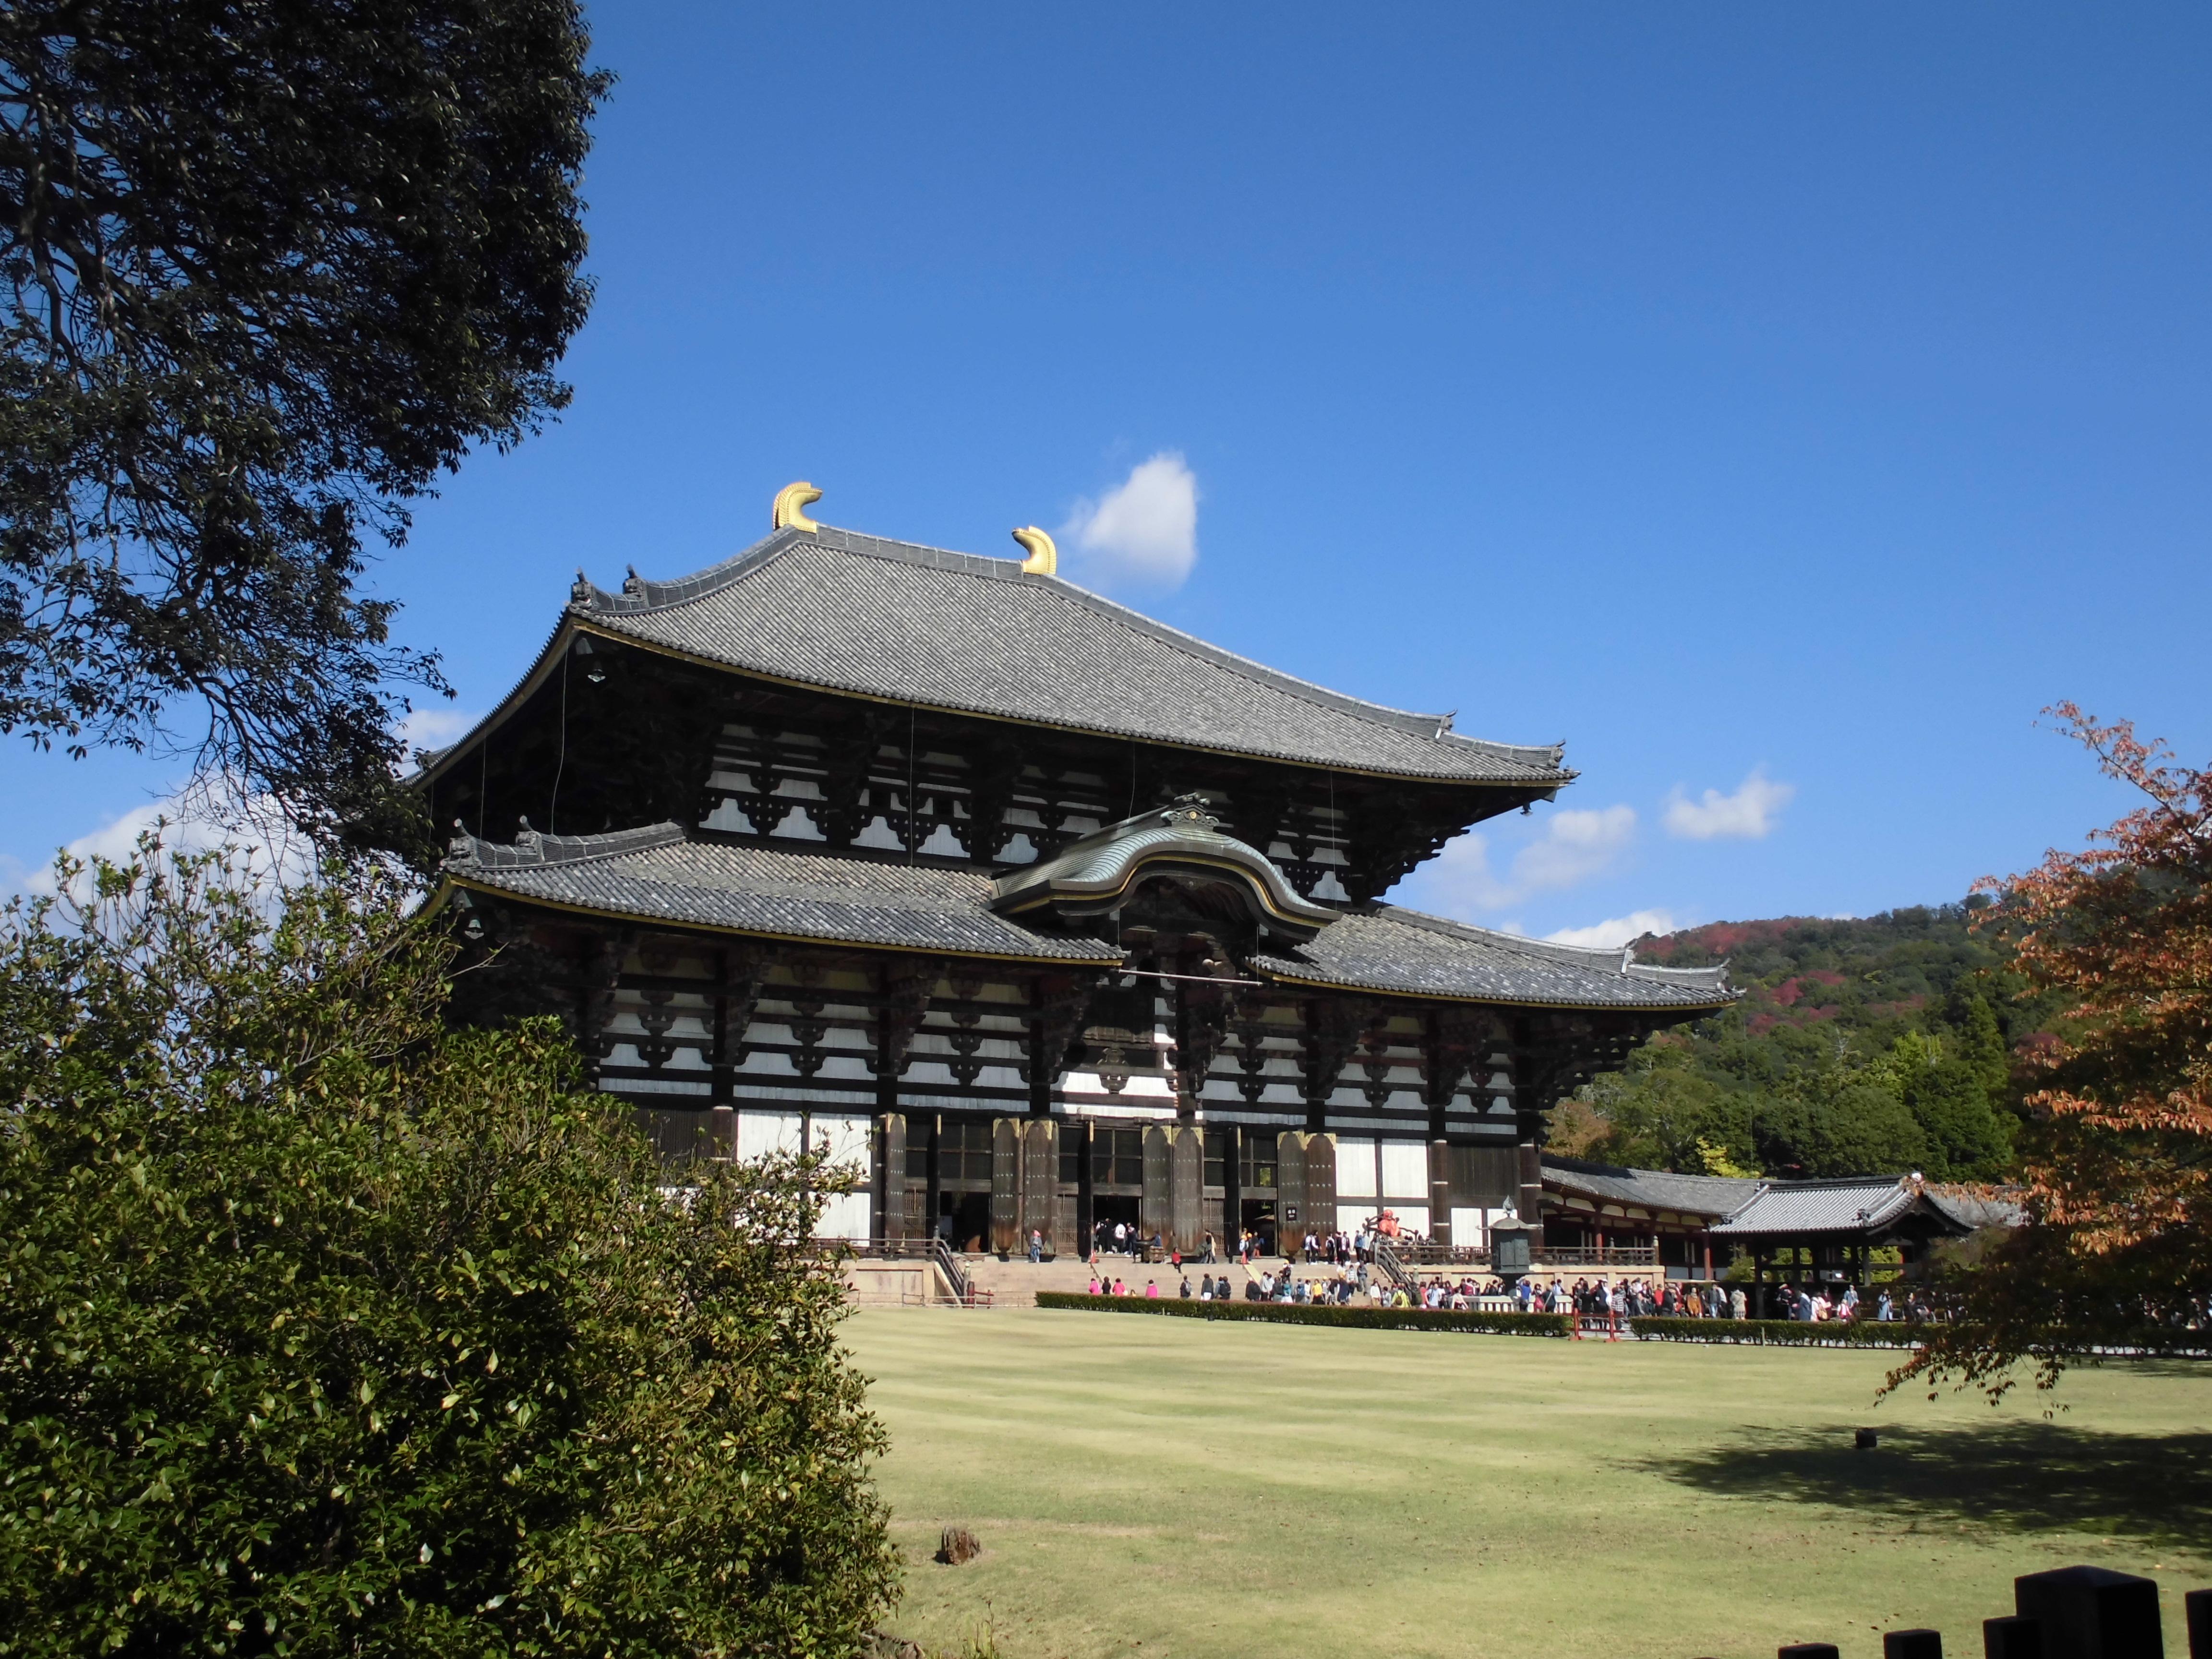 奈良といえば大仏様。奈良の街を少しブラついてきました【東大寺周辺by-VEGETAPSY】